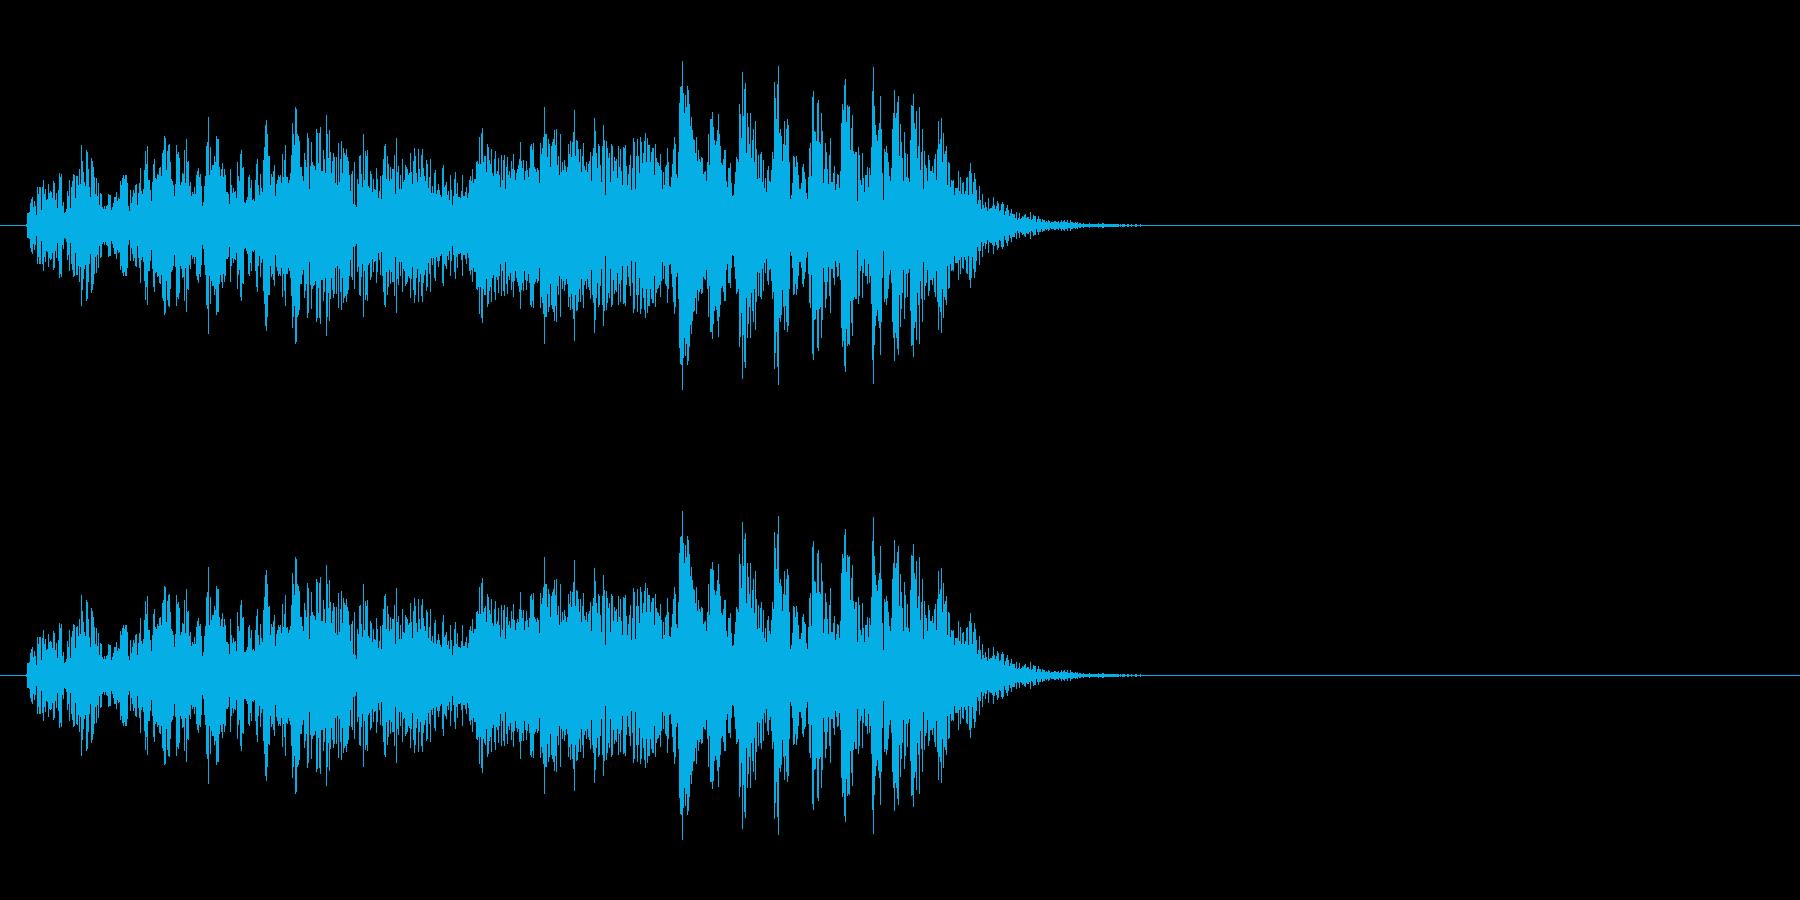 スチールドラムの長い上昇音【キラキラ・・の再生済みの波形